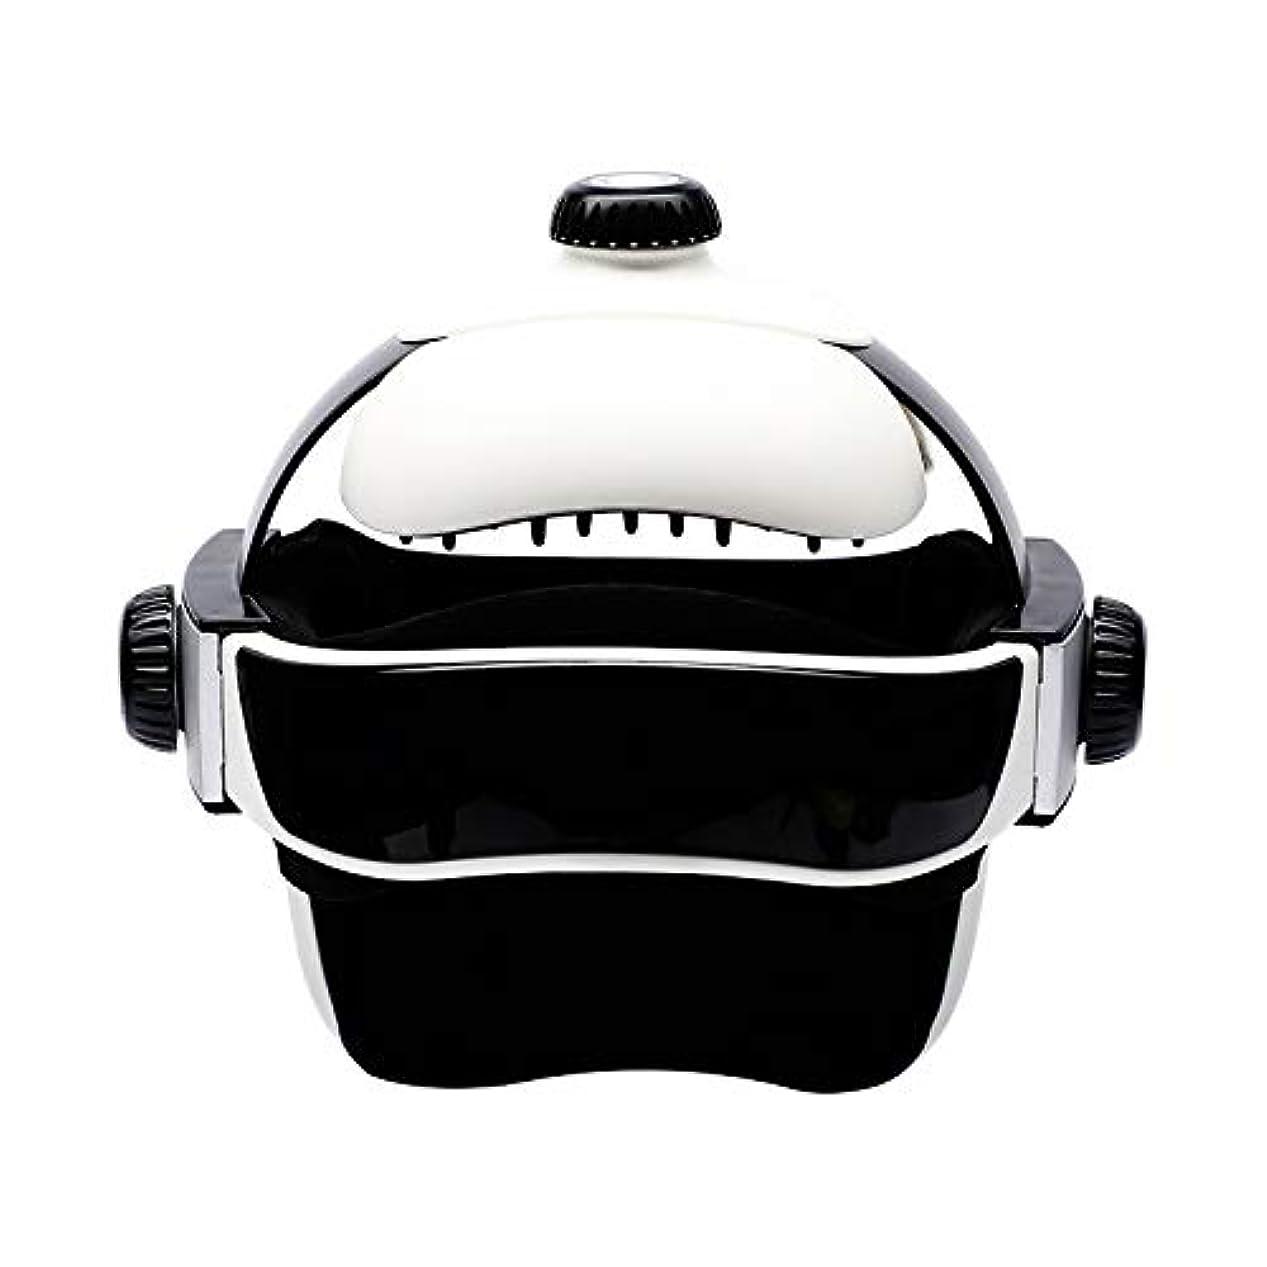 安心させる苦行初心者ヘルメットの電動が機能している頭皮は同じタイプのマッサージ器です [並行輸入品]